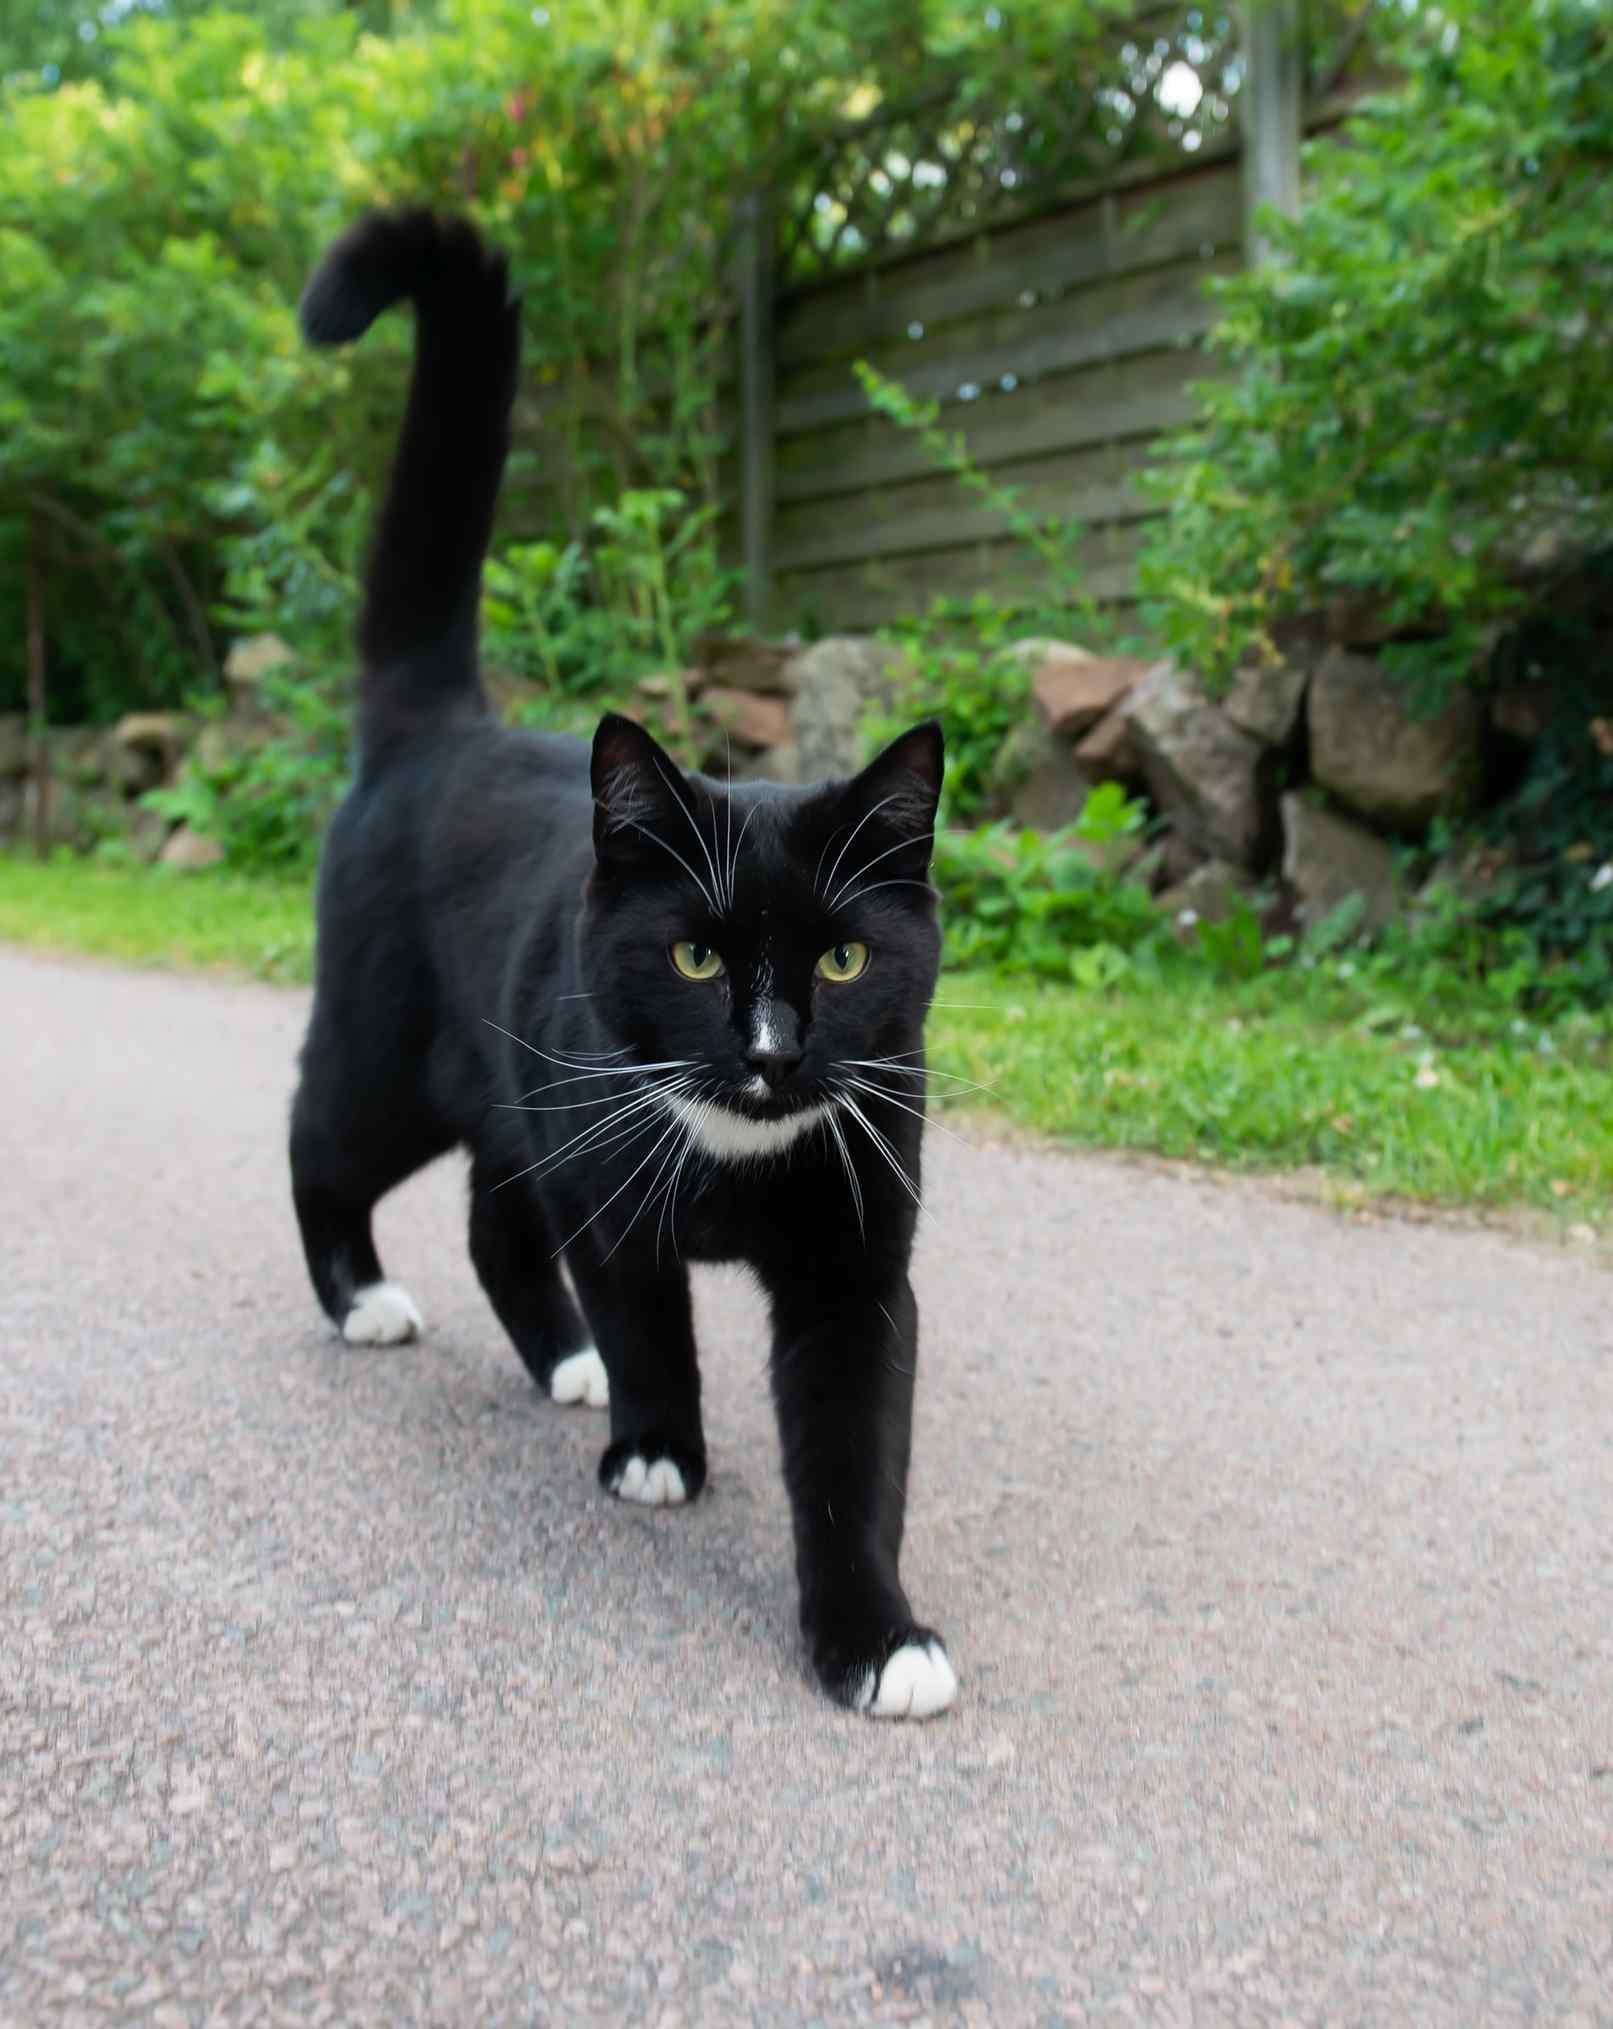 gatos pretos não dão azar